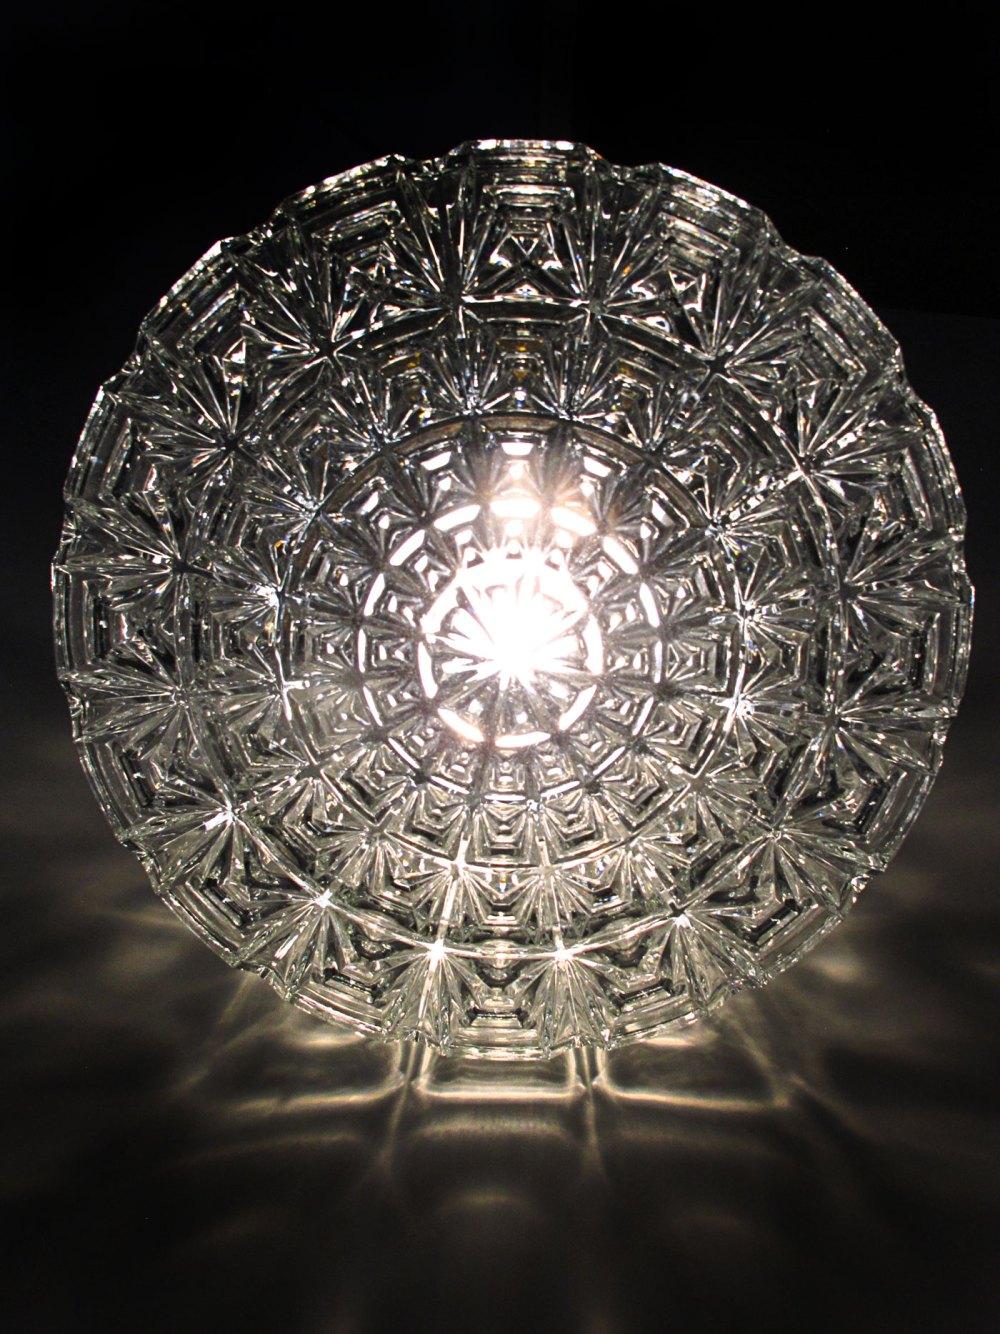 Plafonnier Glashütte Limburg vintage en laiton et verre effet diamant 1960. Un éditeur de référence du design allemand. En vente chez ltgmood galerie de luminaires vintage à Paris